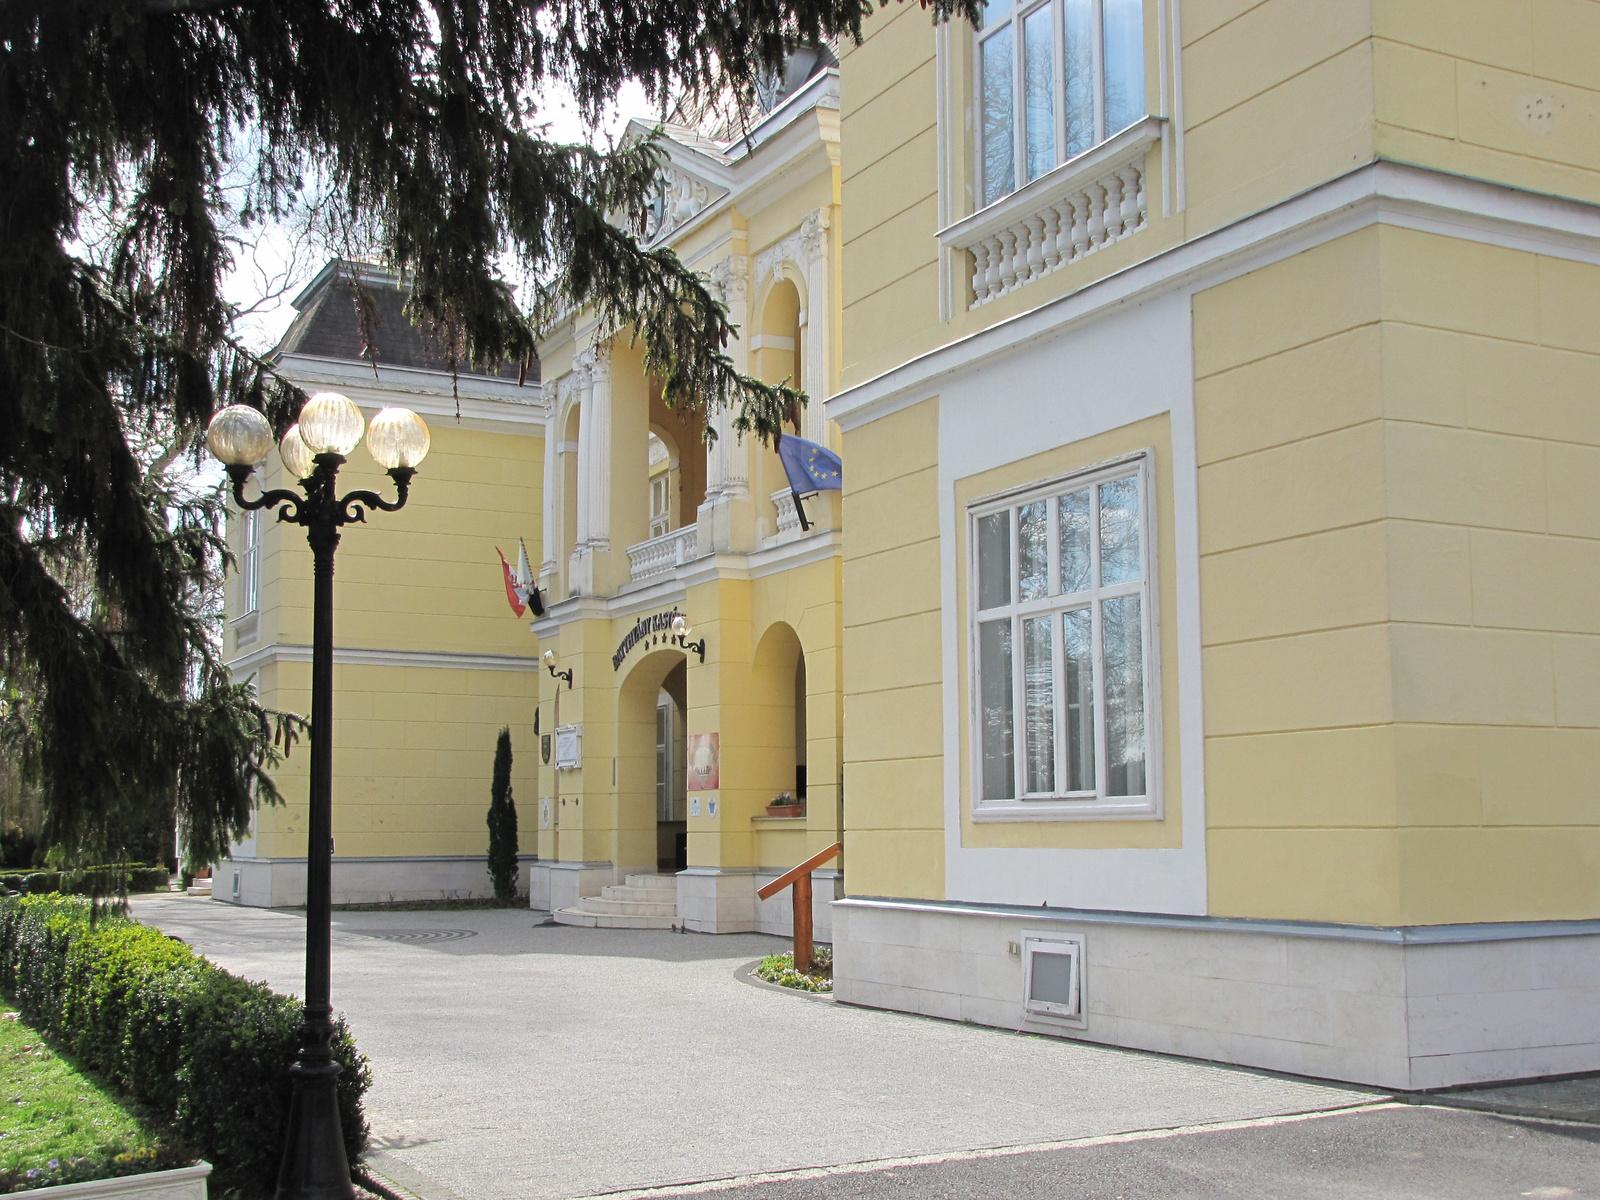 Zalacsány, a Batthyány Kúria és kastély, SzG3